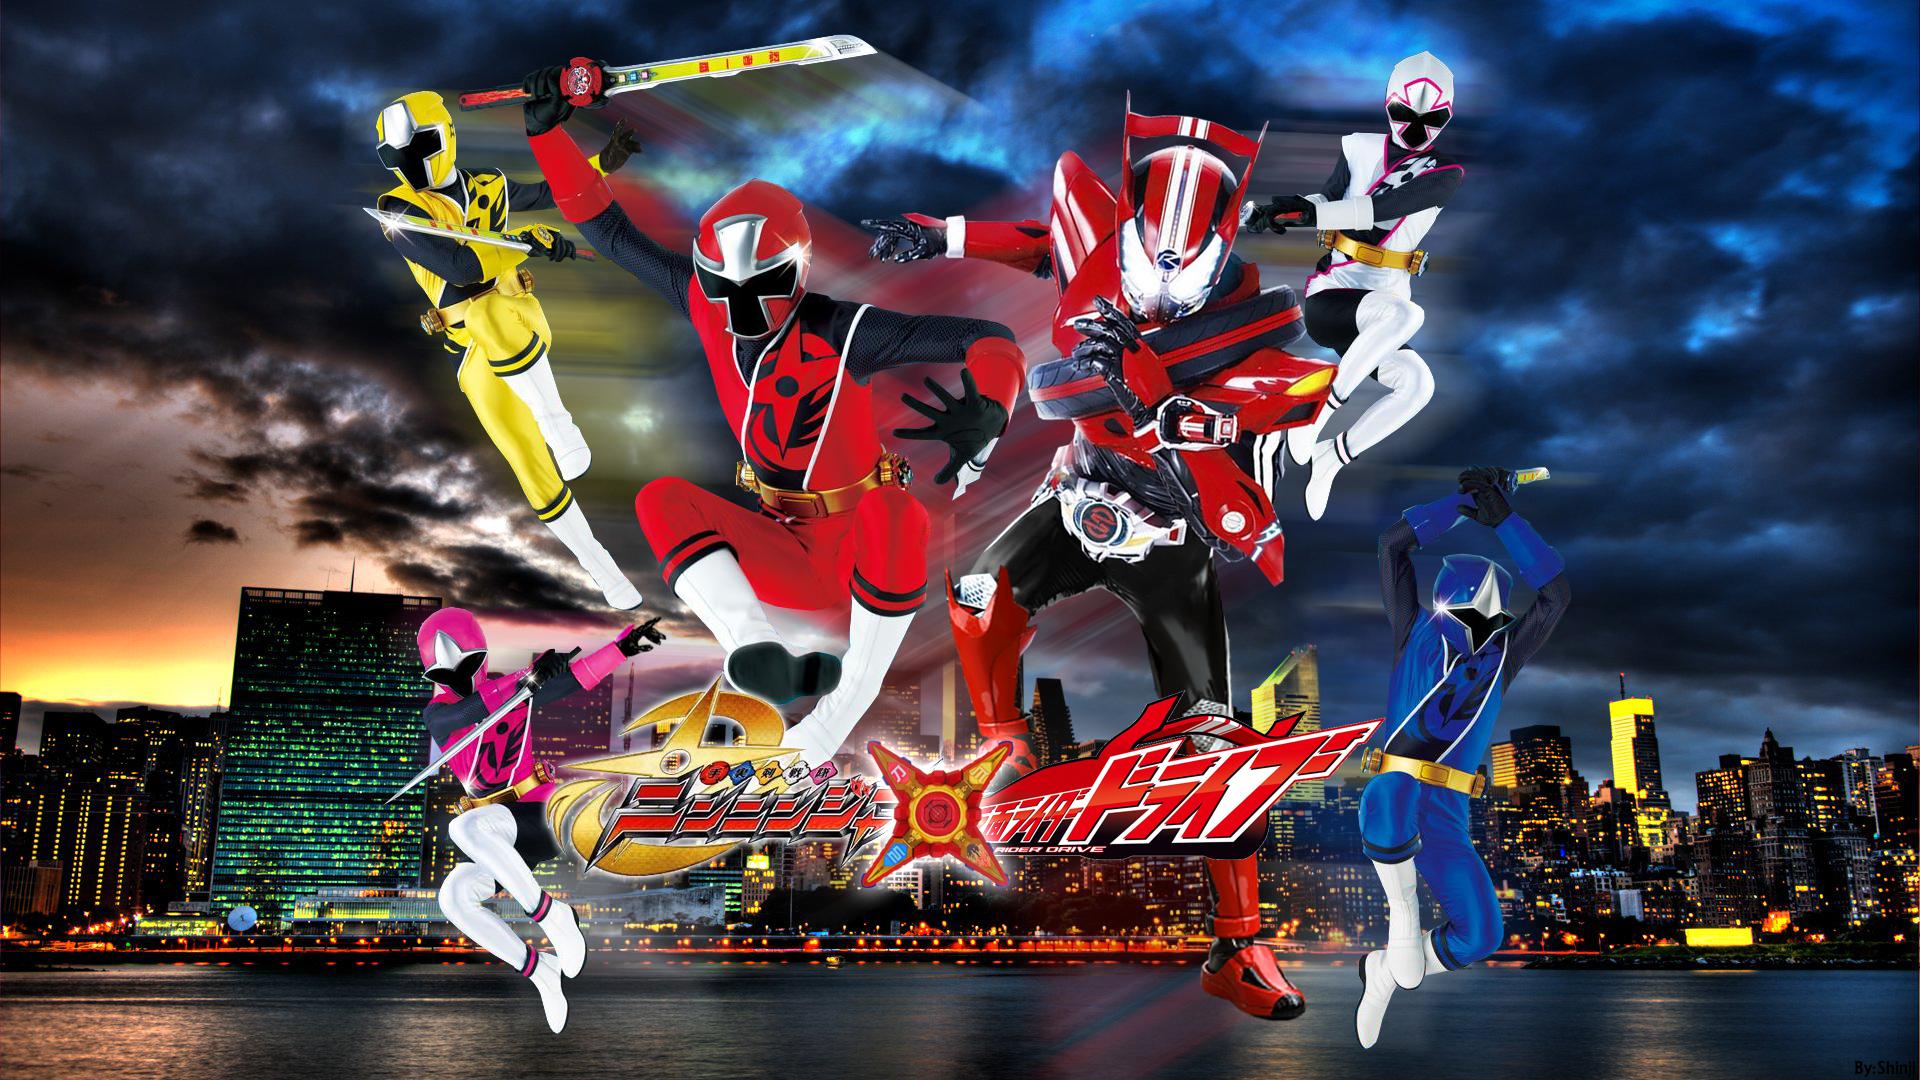 Kamen Rider Drive x Shuriken Sentai Ninninger - Tokusatsu